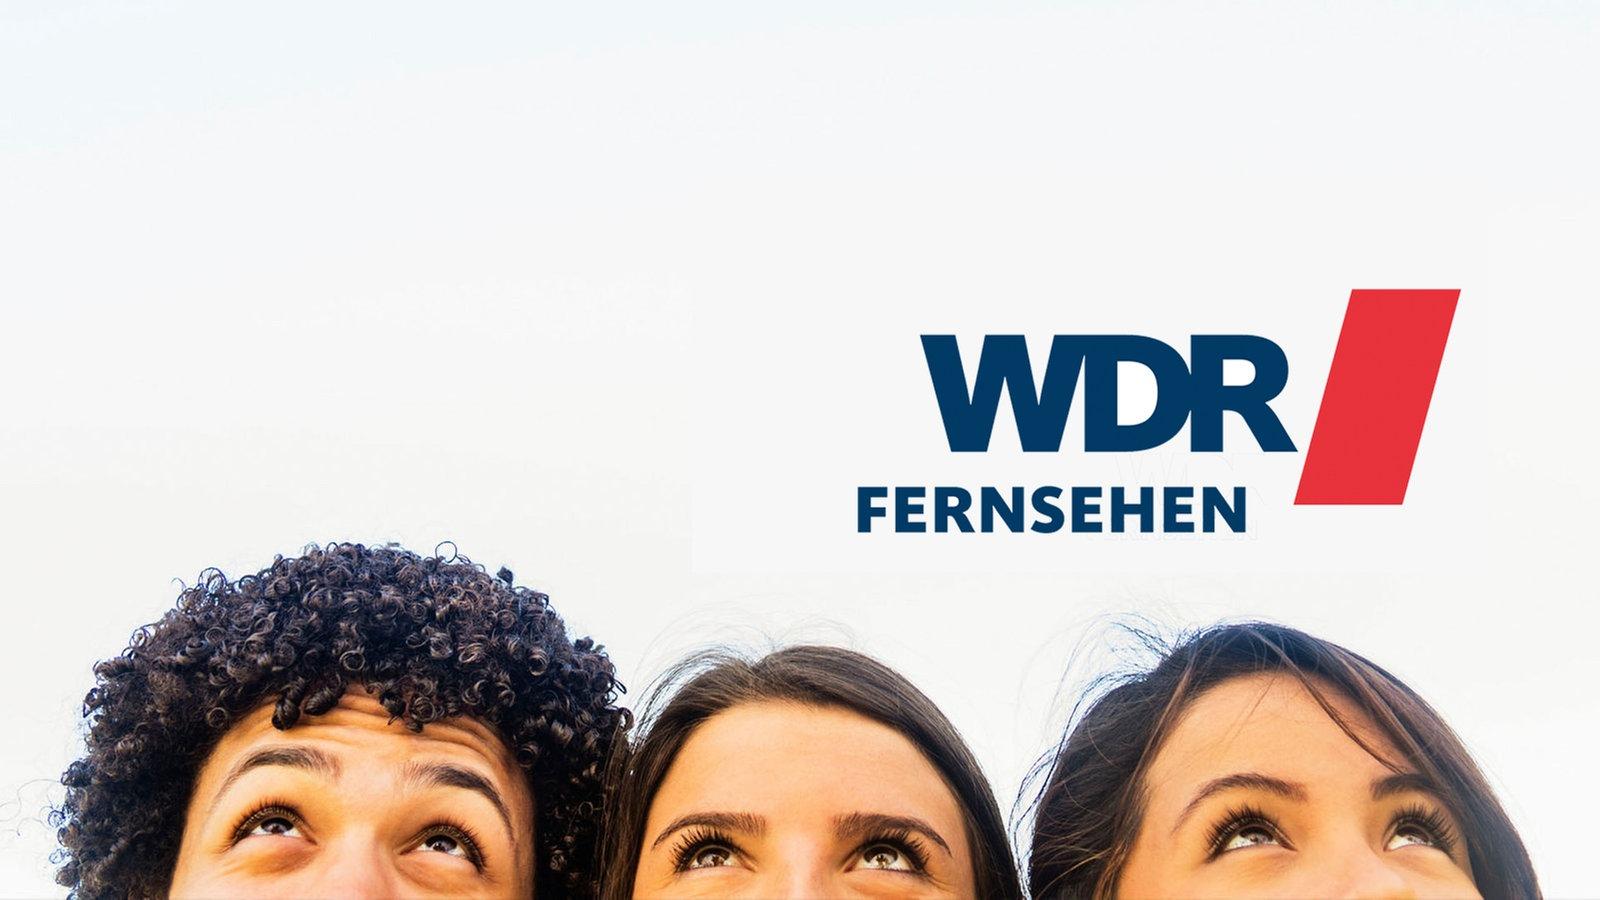 Wdr Das Fernsehangebot Des Westdeutschen Rundfunks Startseite